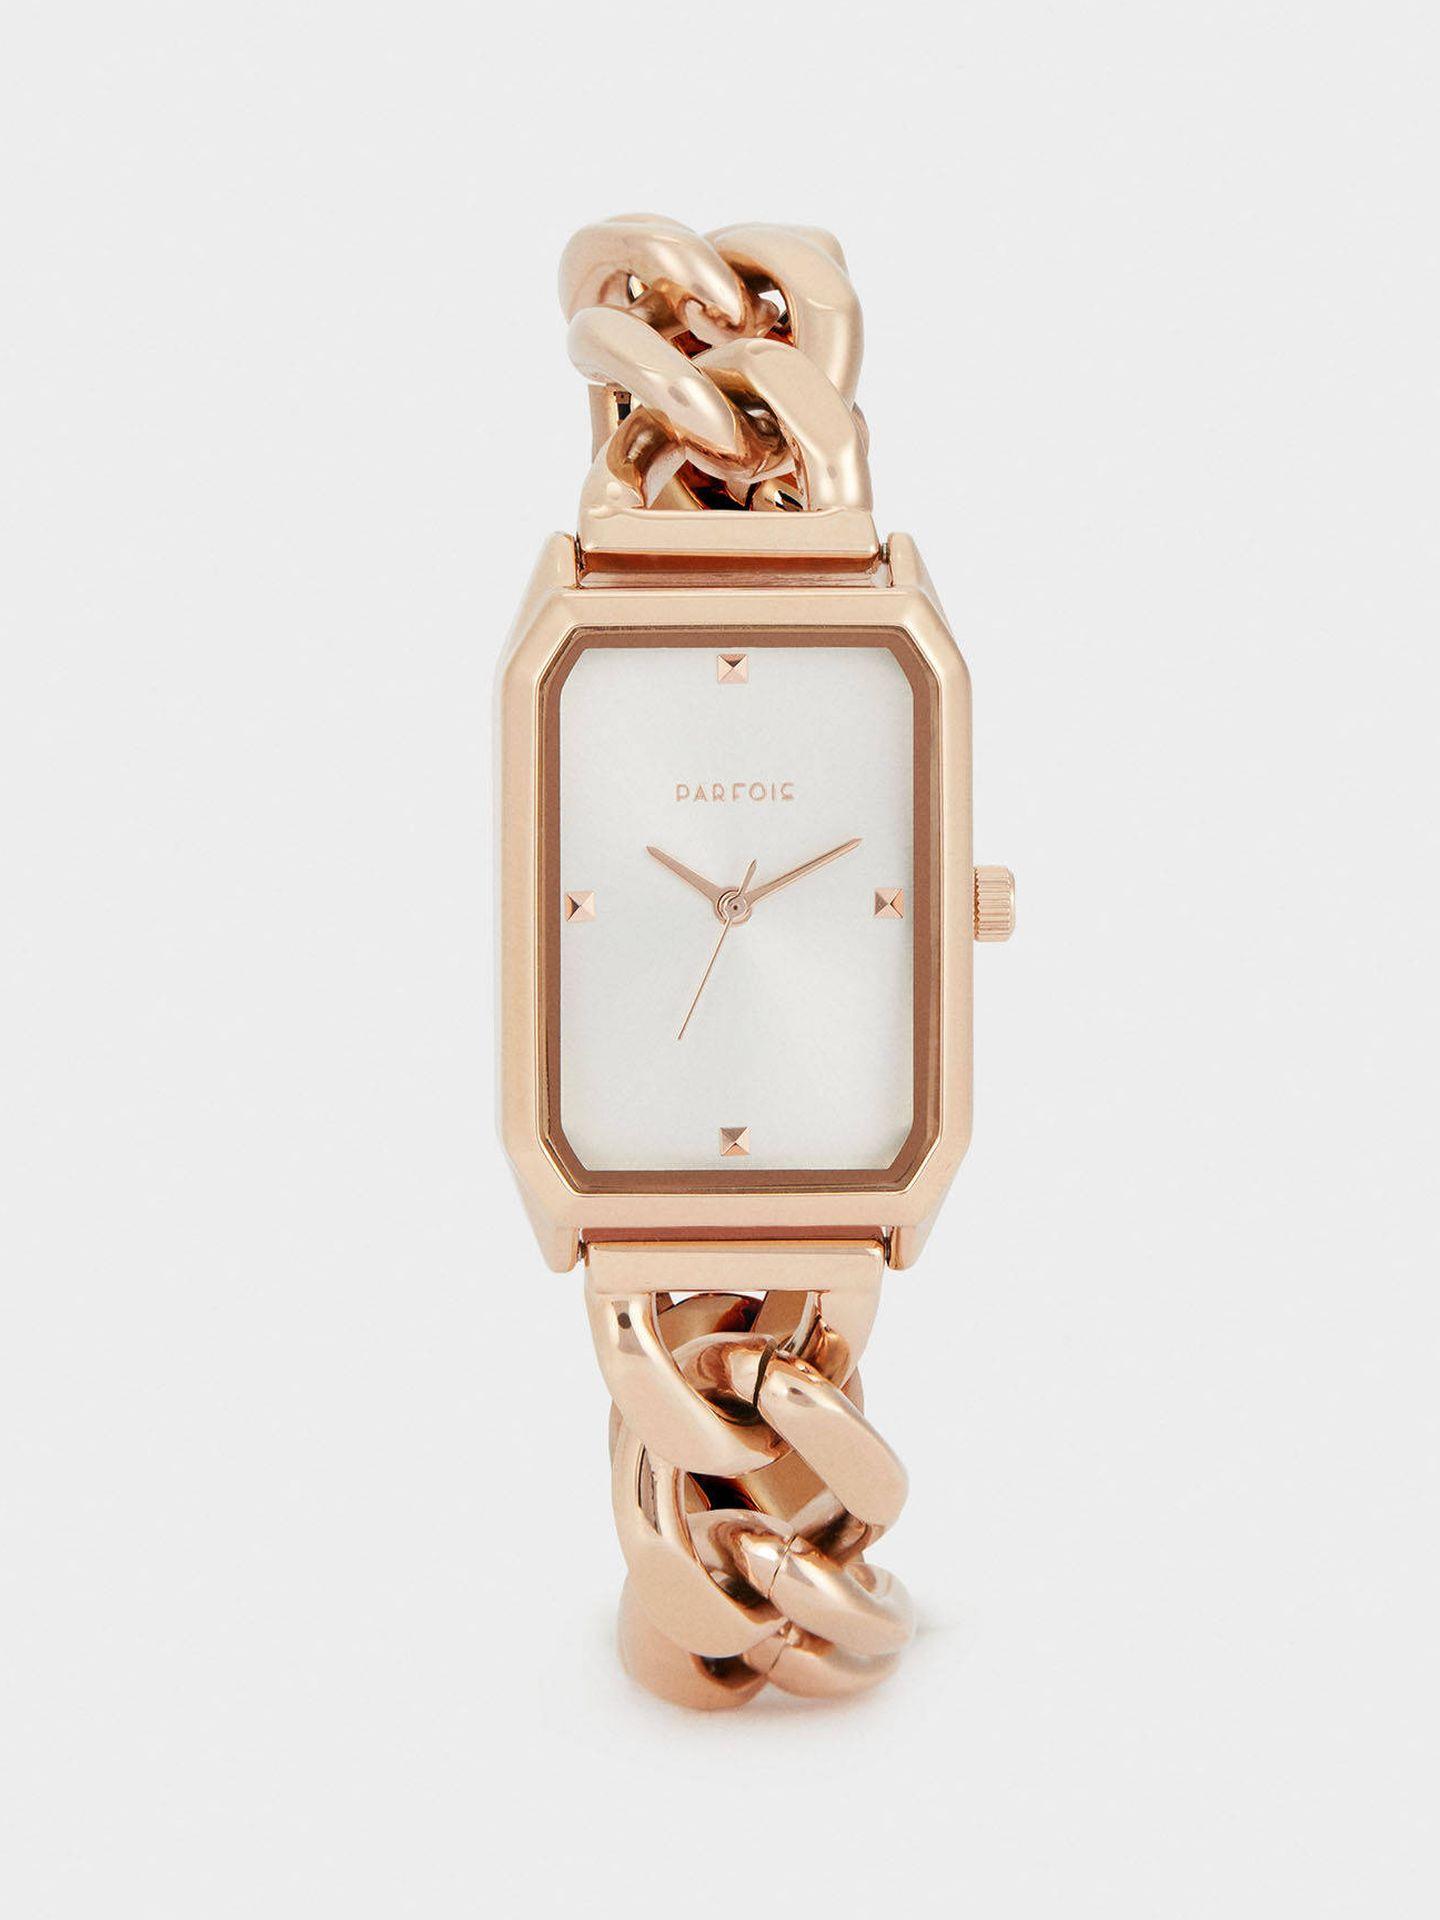 Reloj low cost de Parfois. (Cortesía)